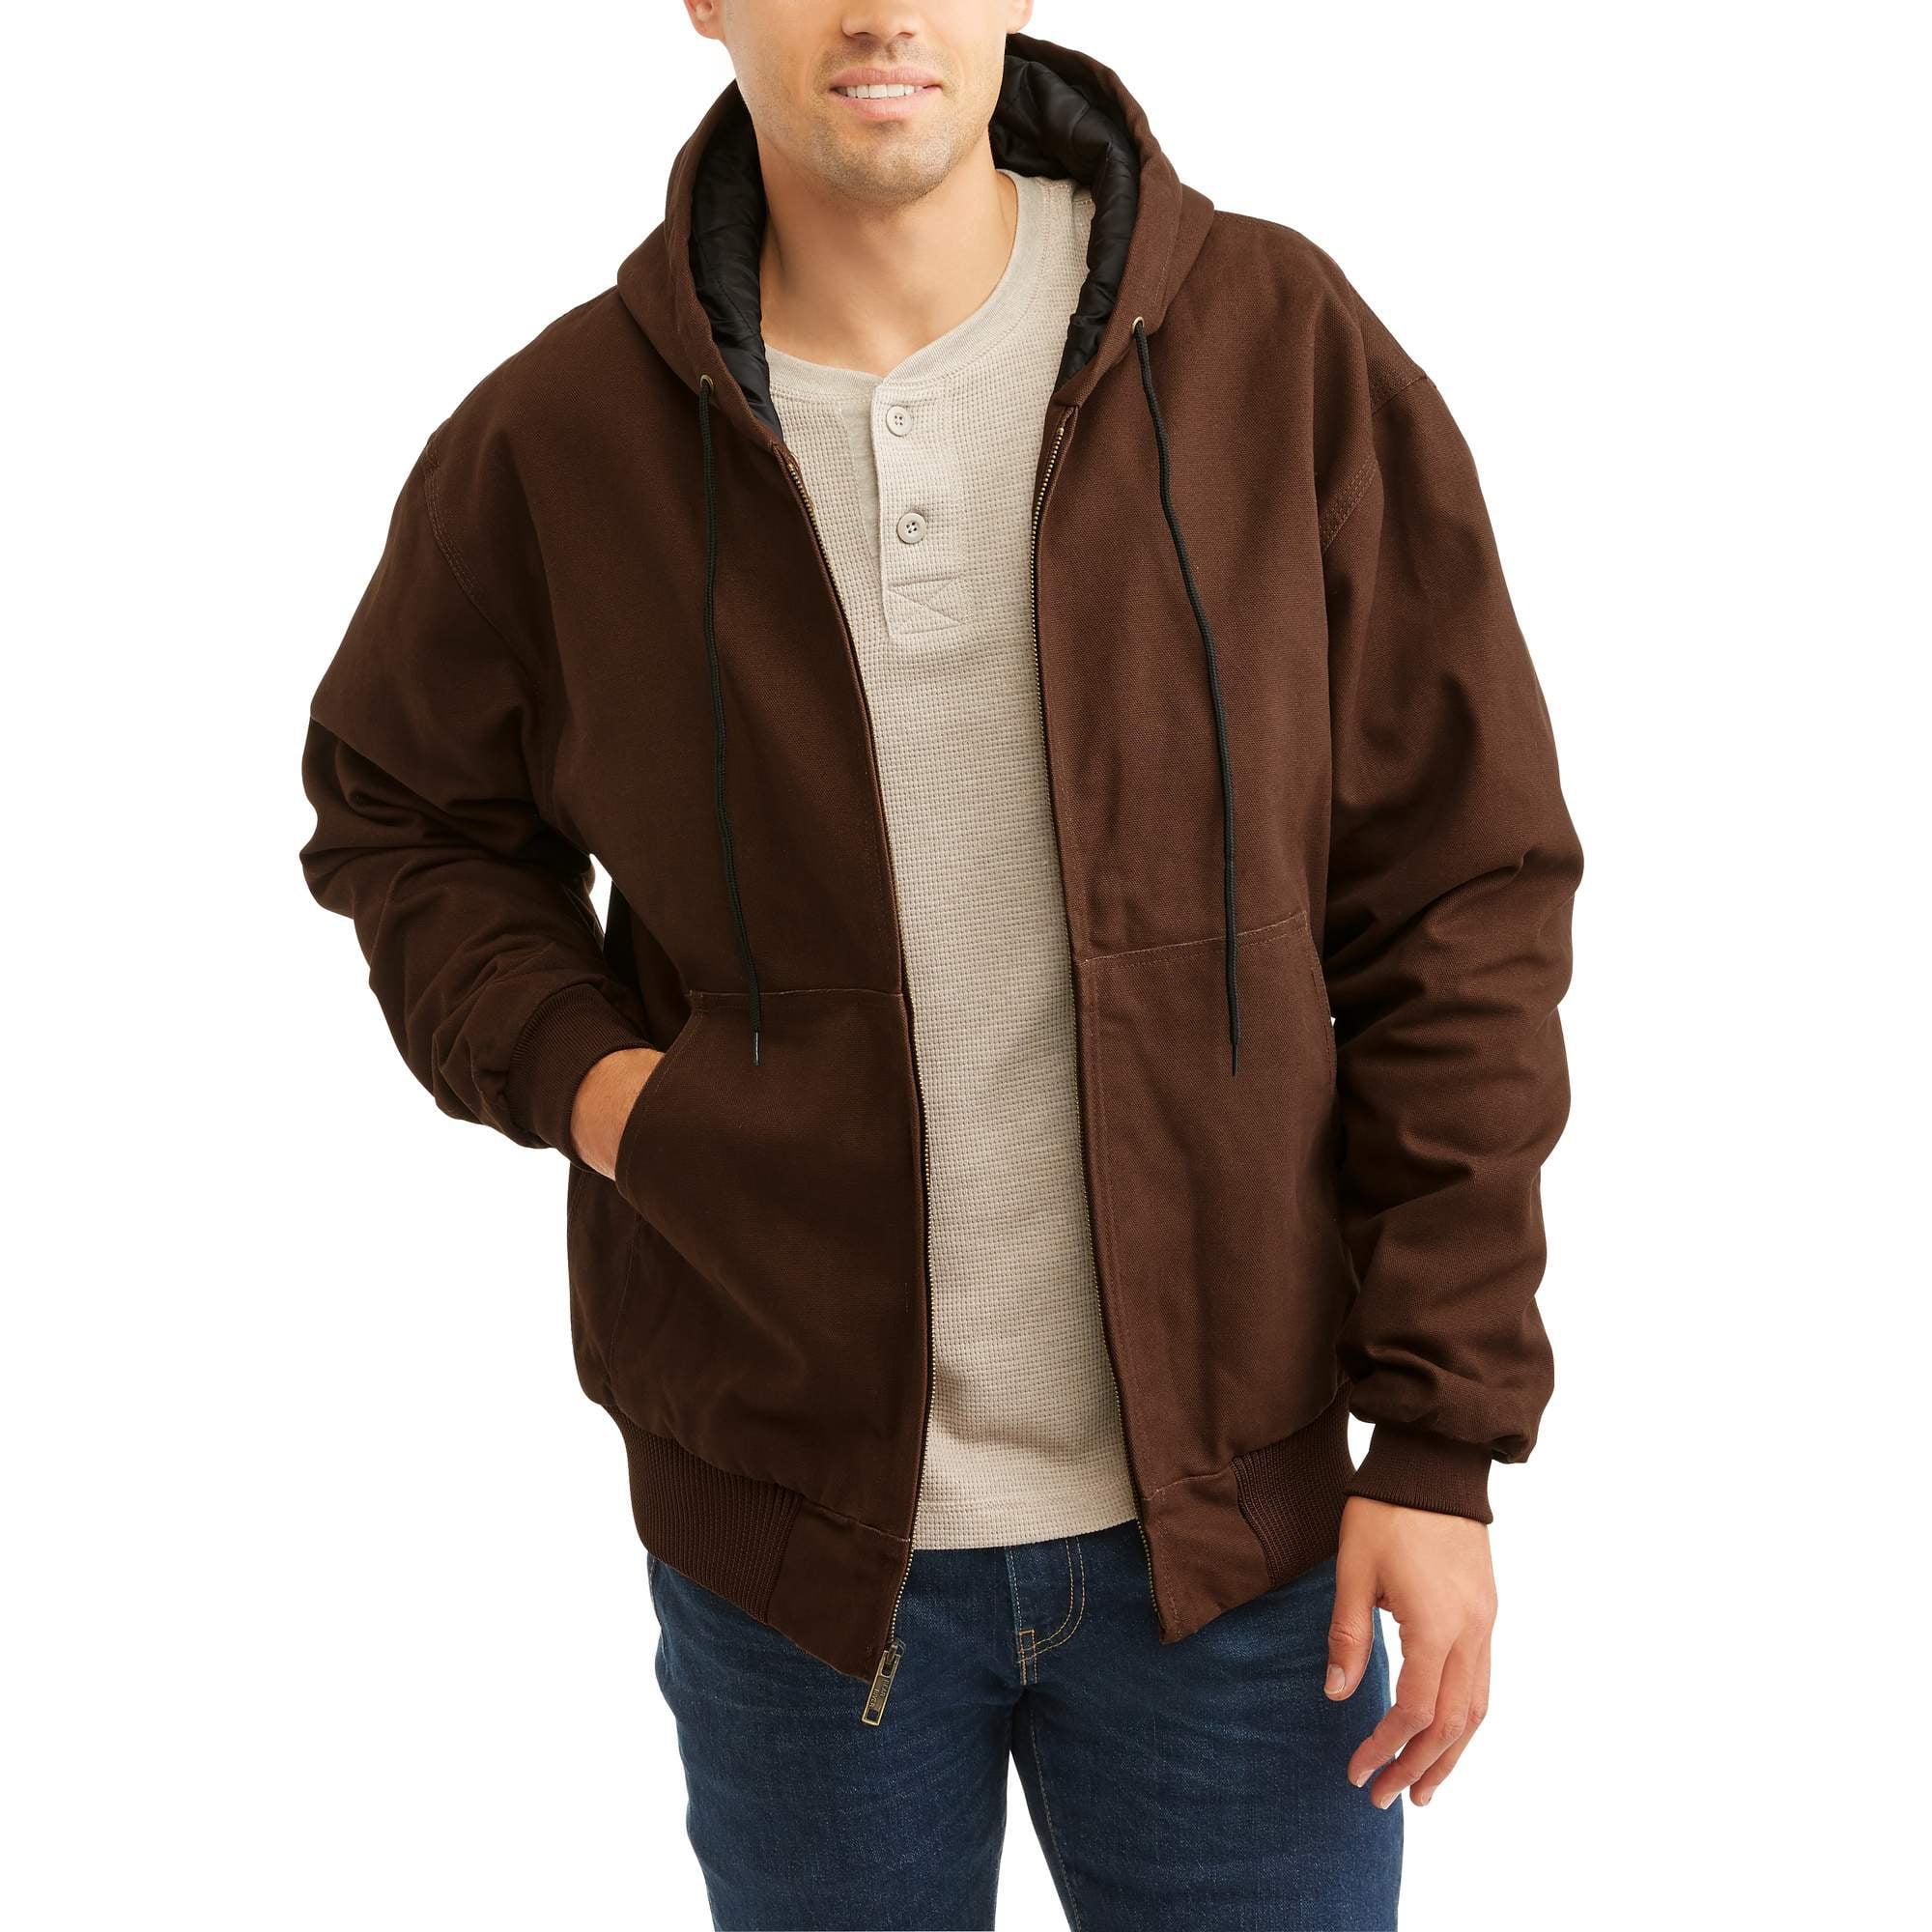 Men's Polar Fleece Lined Hooded Jacket by